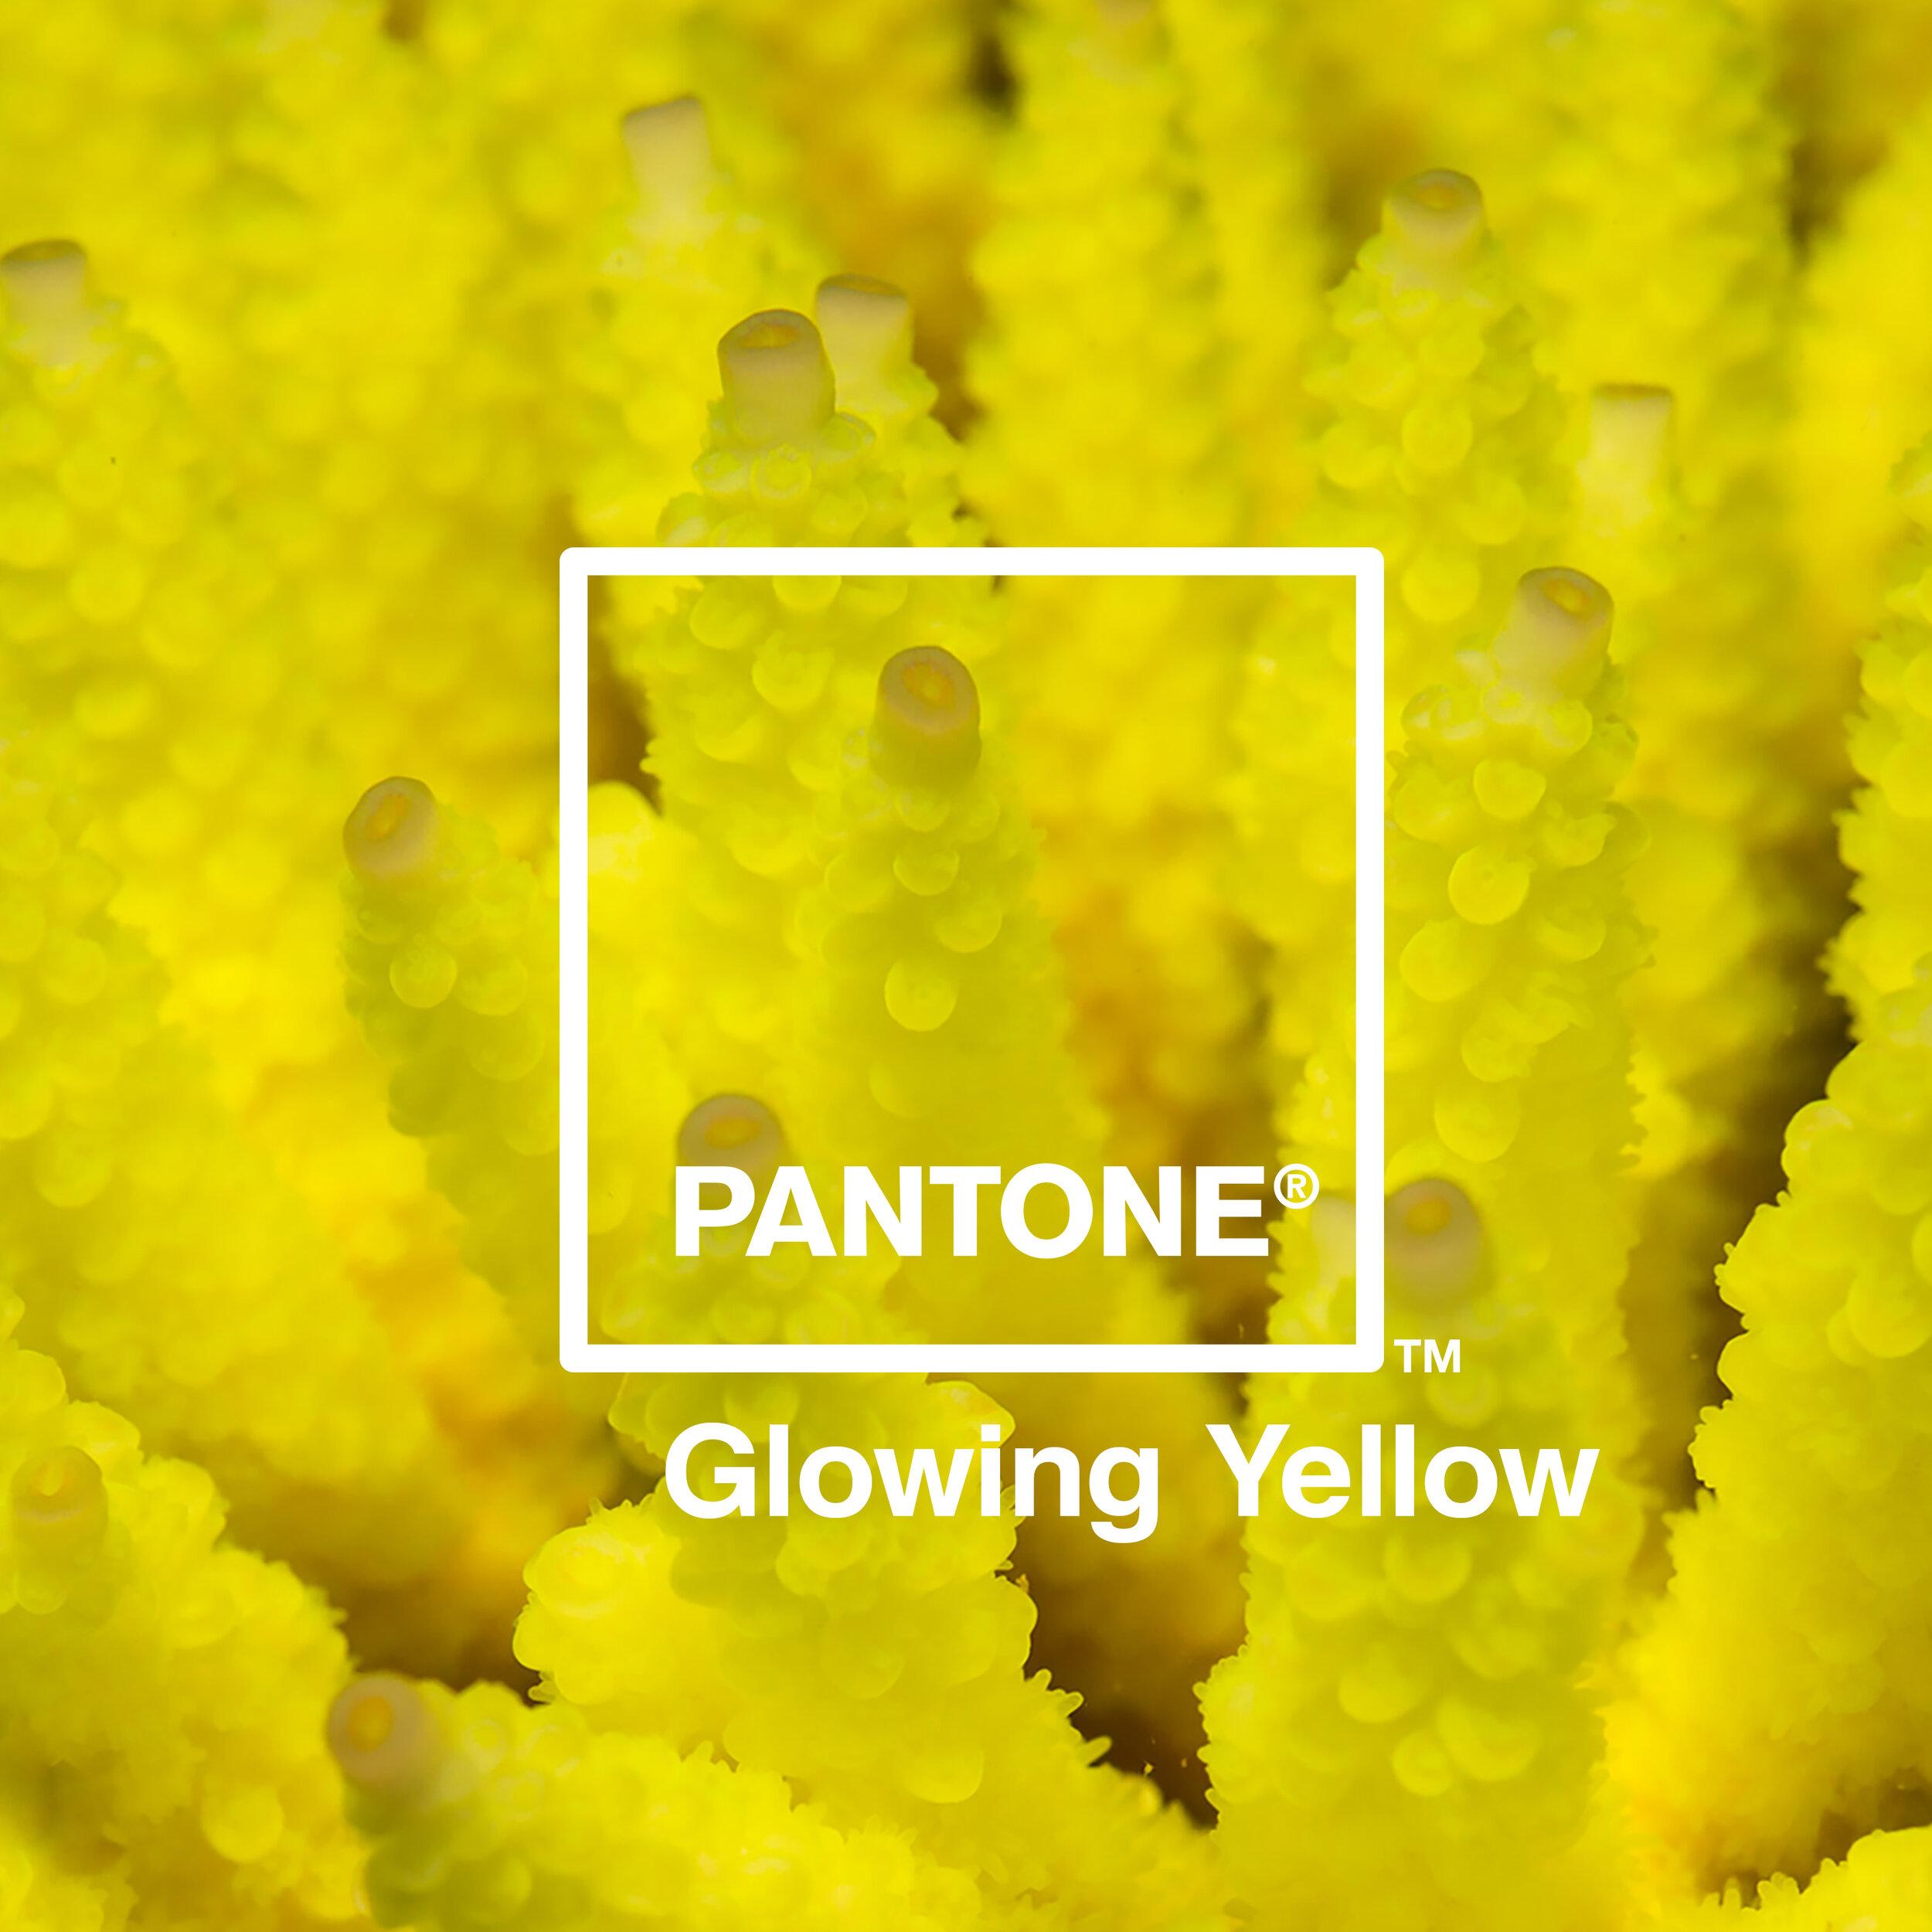 05 Glowing Yellow.jpg